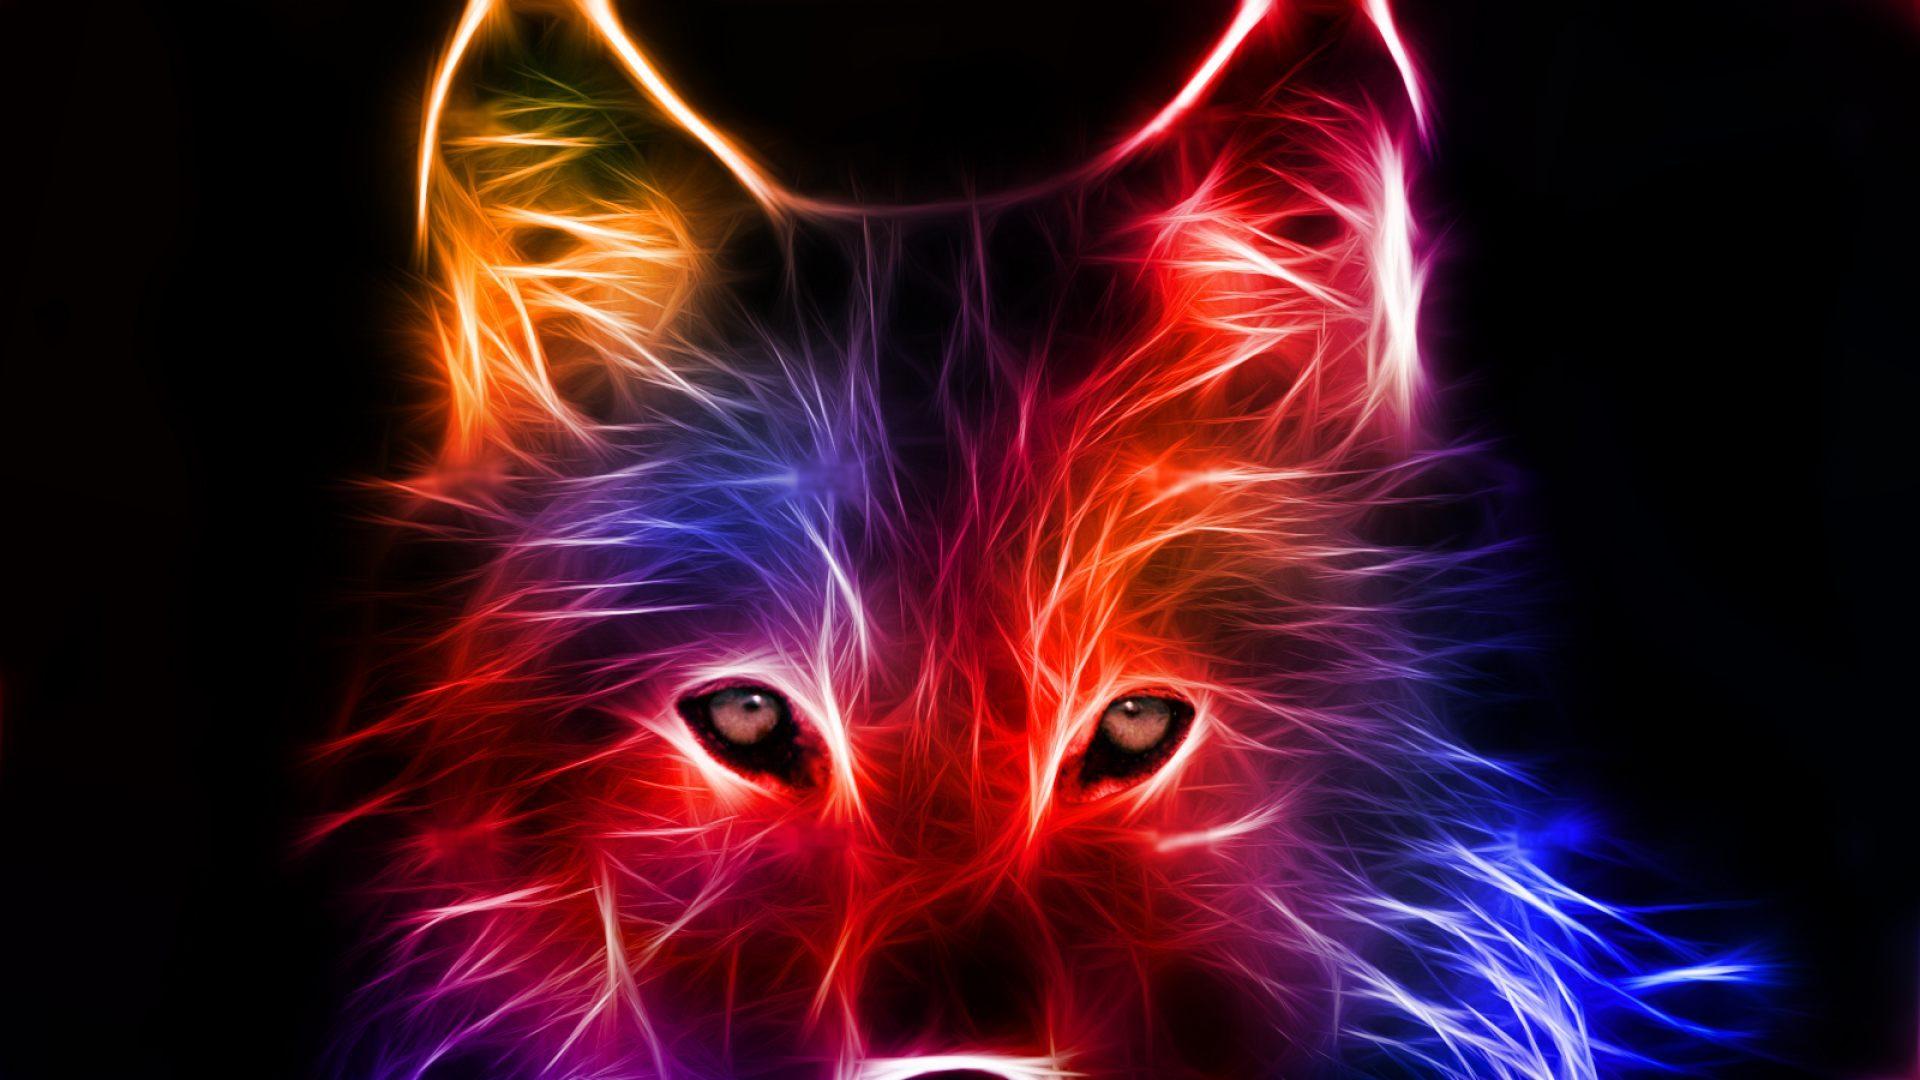 Imagenes De Lobo Para Fondo De Pantalla: Lobo Artístico De Colores